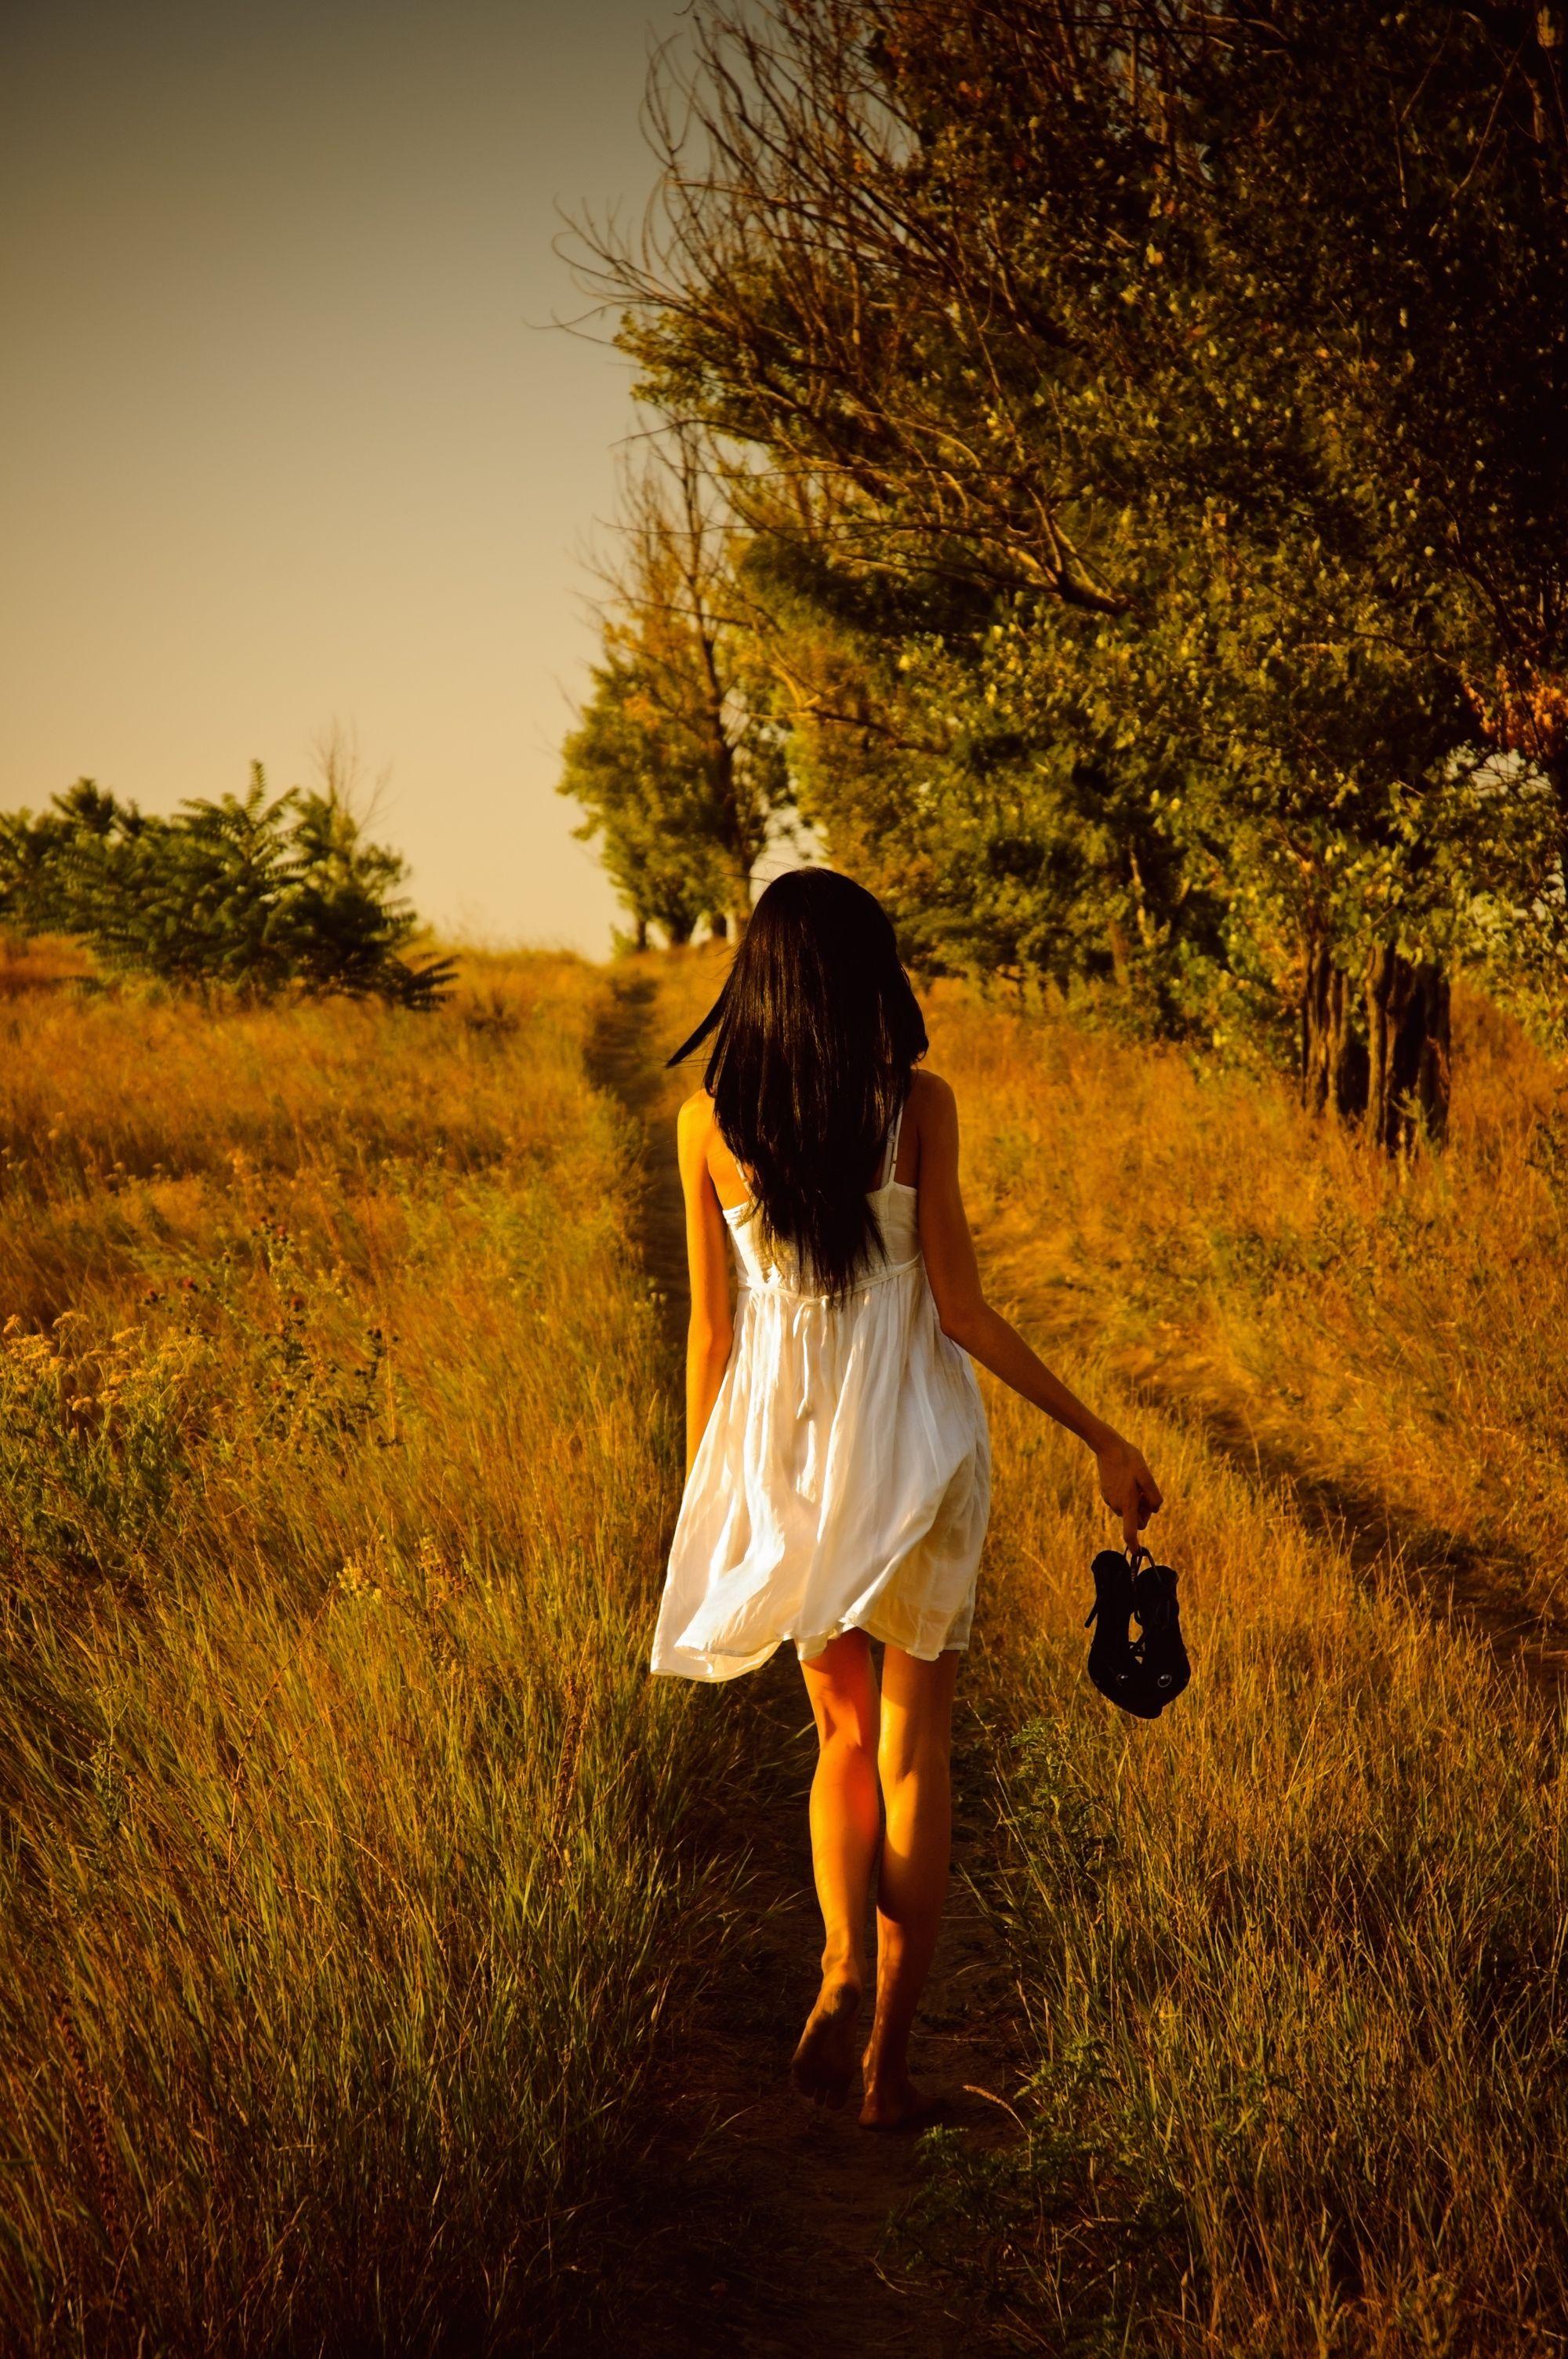 Girl in Dress Walking Away